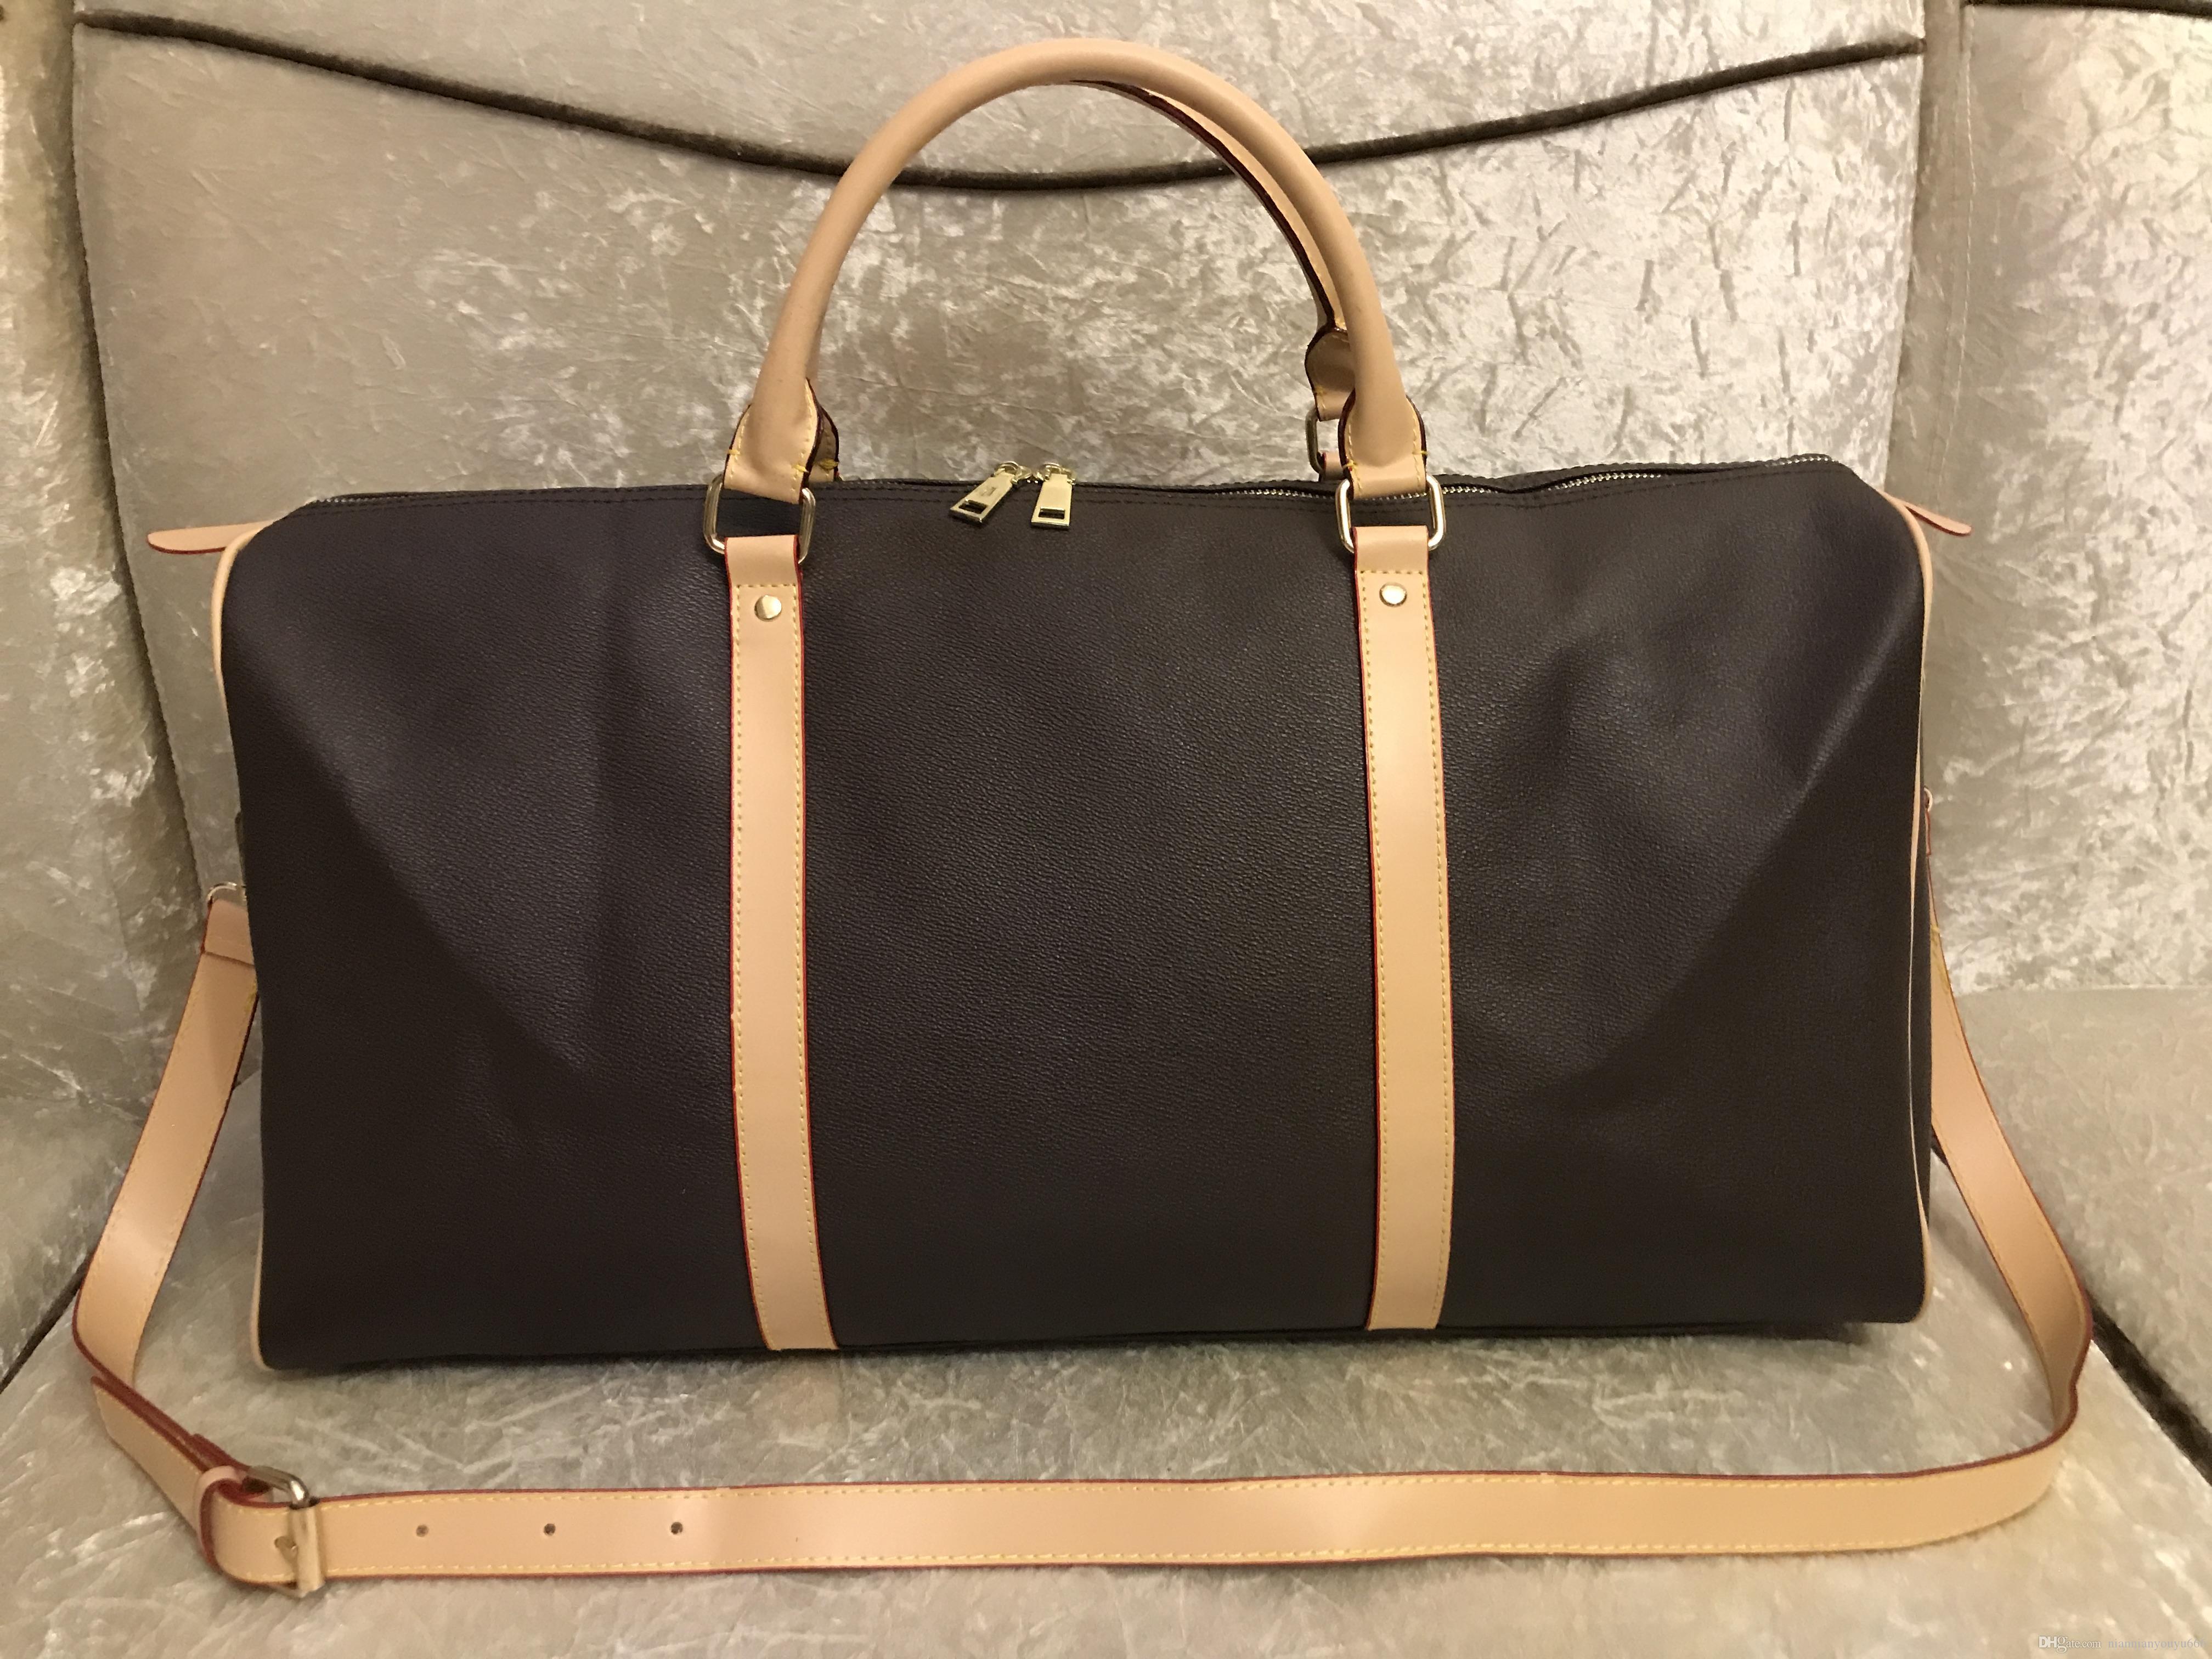 Çanta Erkekler Çanta El Kadınlar Seyahat Çantaları Lüks Bagaj Vücut 2021 Deri Tote Büyük Çapraz Duffle PU L55 CM VQSSL